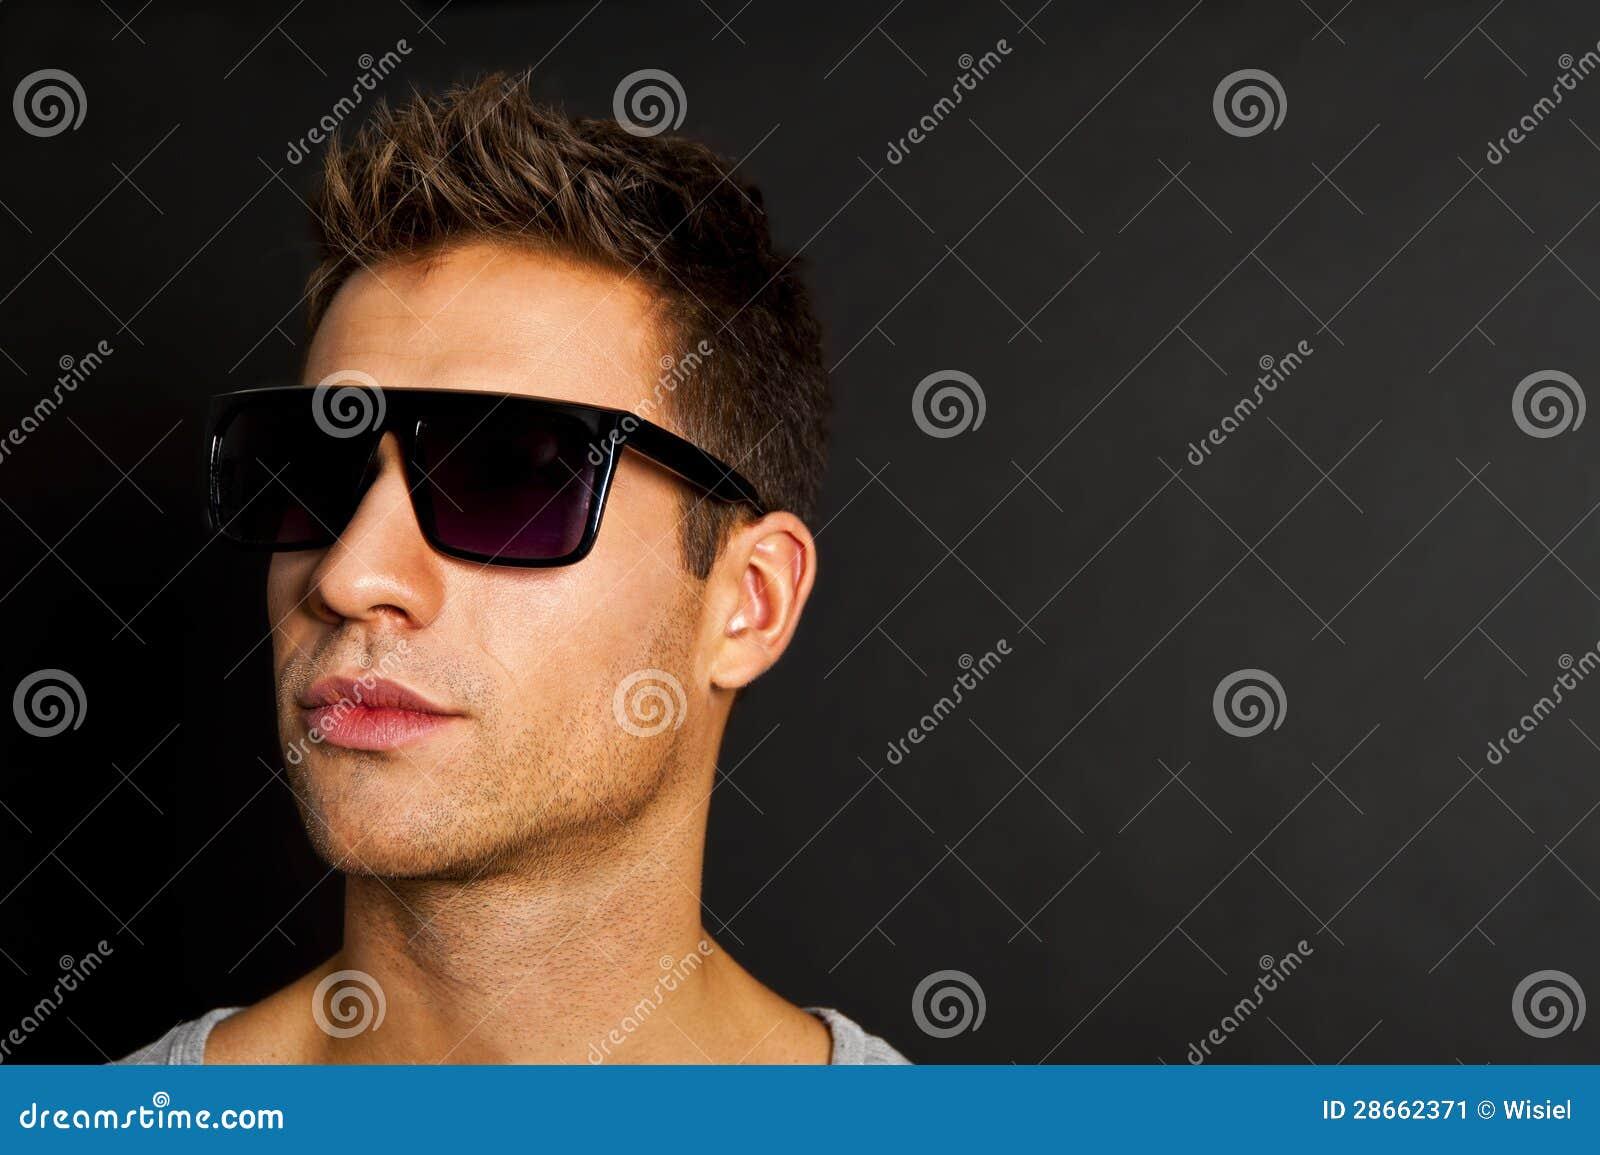 Grises Hermoso En Sin Y Las Sonrisa Hombre Con Mangas Camisetas q34ALc5jR